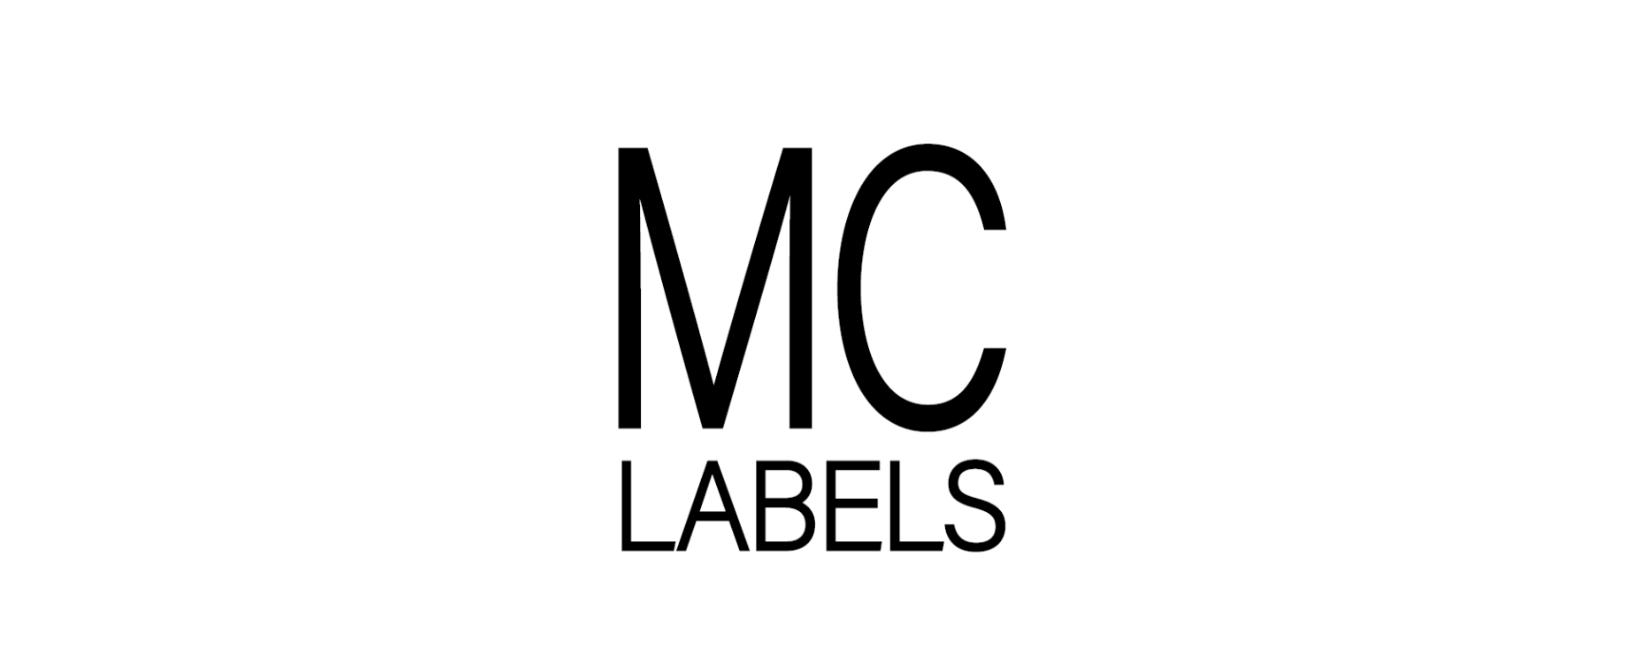 mclabels Discount Code 2021